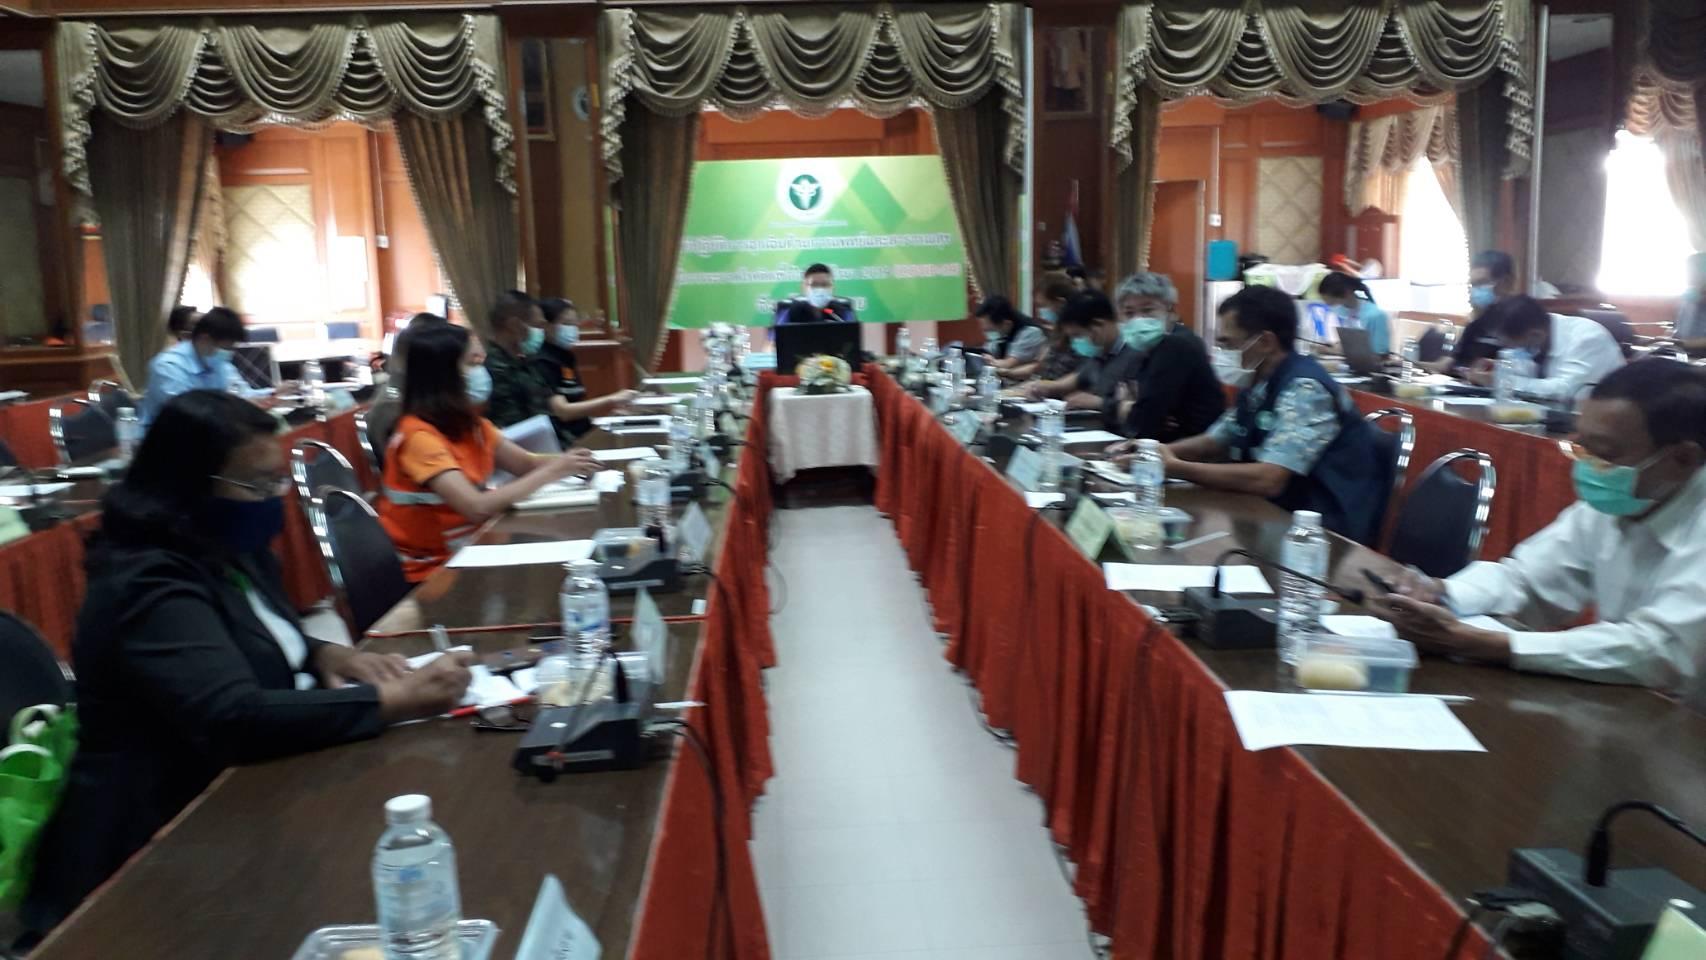 สจร.ชร. เข้าร่วมประชุมคณะทำงานด้านการติดตามประเมิน สถานการณ์  การแพร่ระบาดของโรคติดเชื้อไวรัสโคโรนา2019( COVID-19 ) ครั้งที่ 2/2564  21 ต.ค. 64